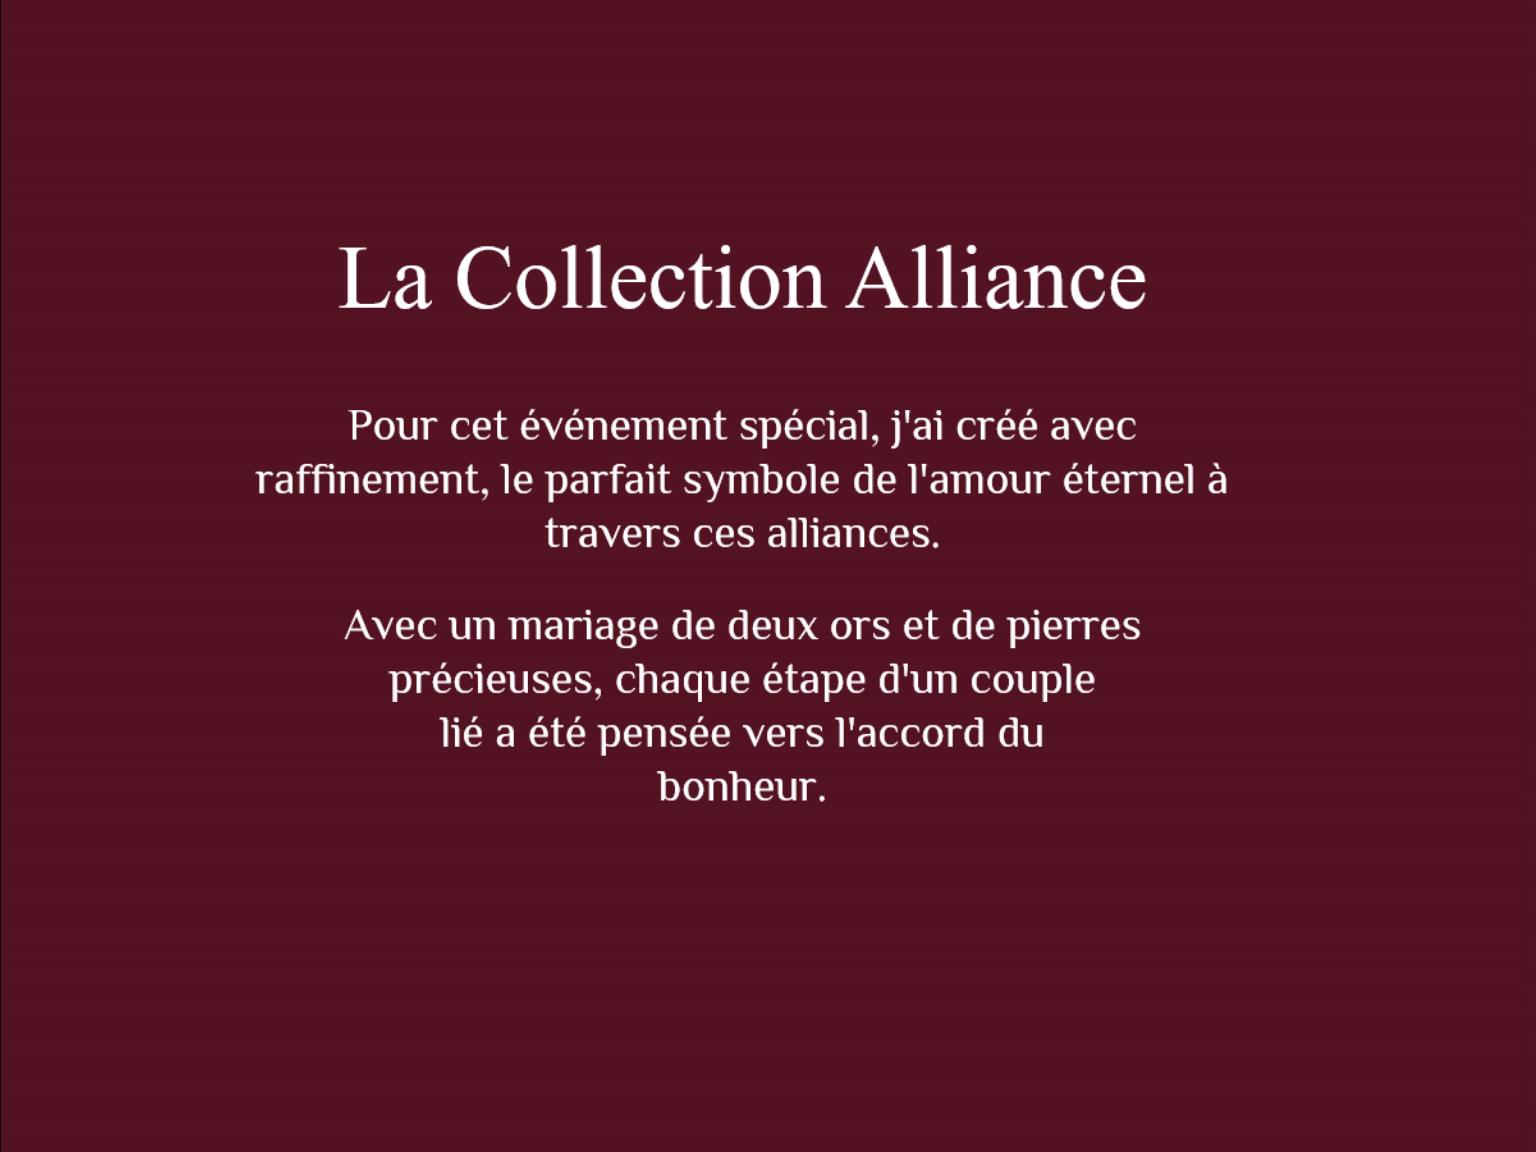 La collection alliance 17